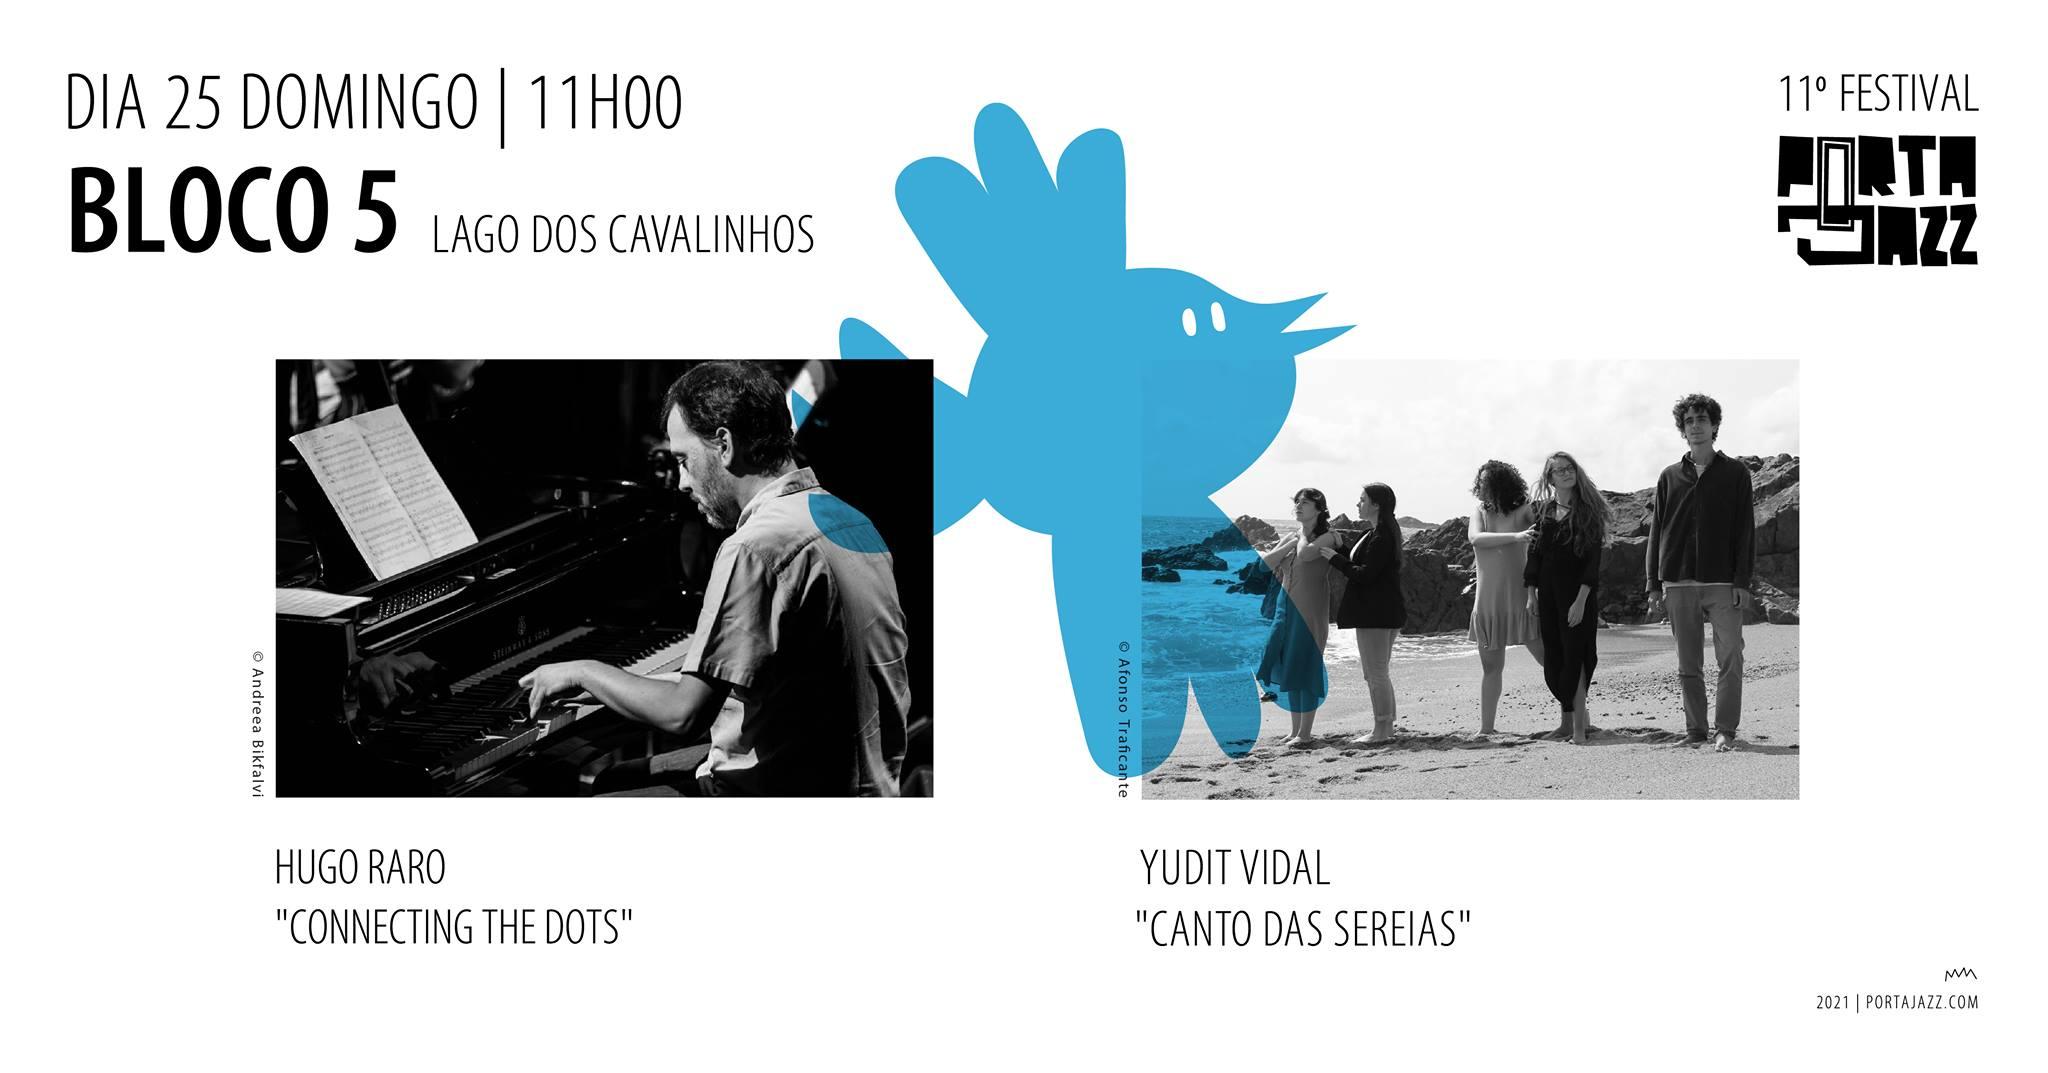 11º Festival Porta-Jazz    Bloco 5   Hugo Raro 'Connecting the Dots'+Yudit Vidal 'Canto das Sereias'